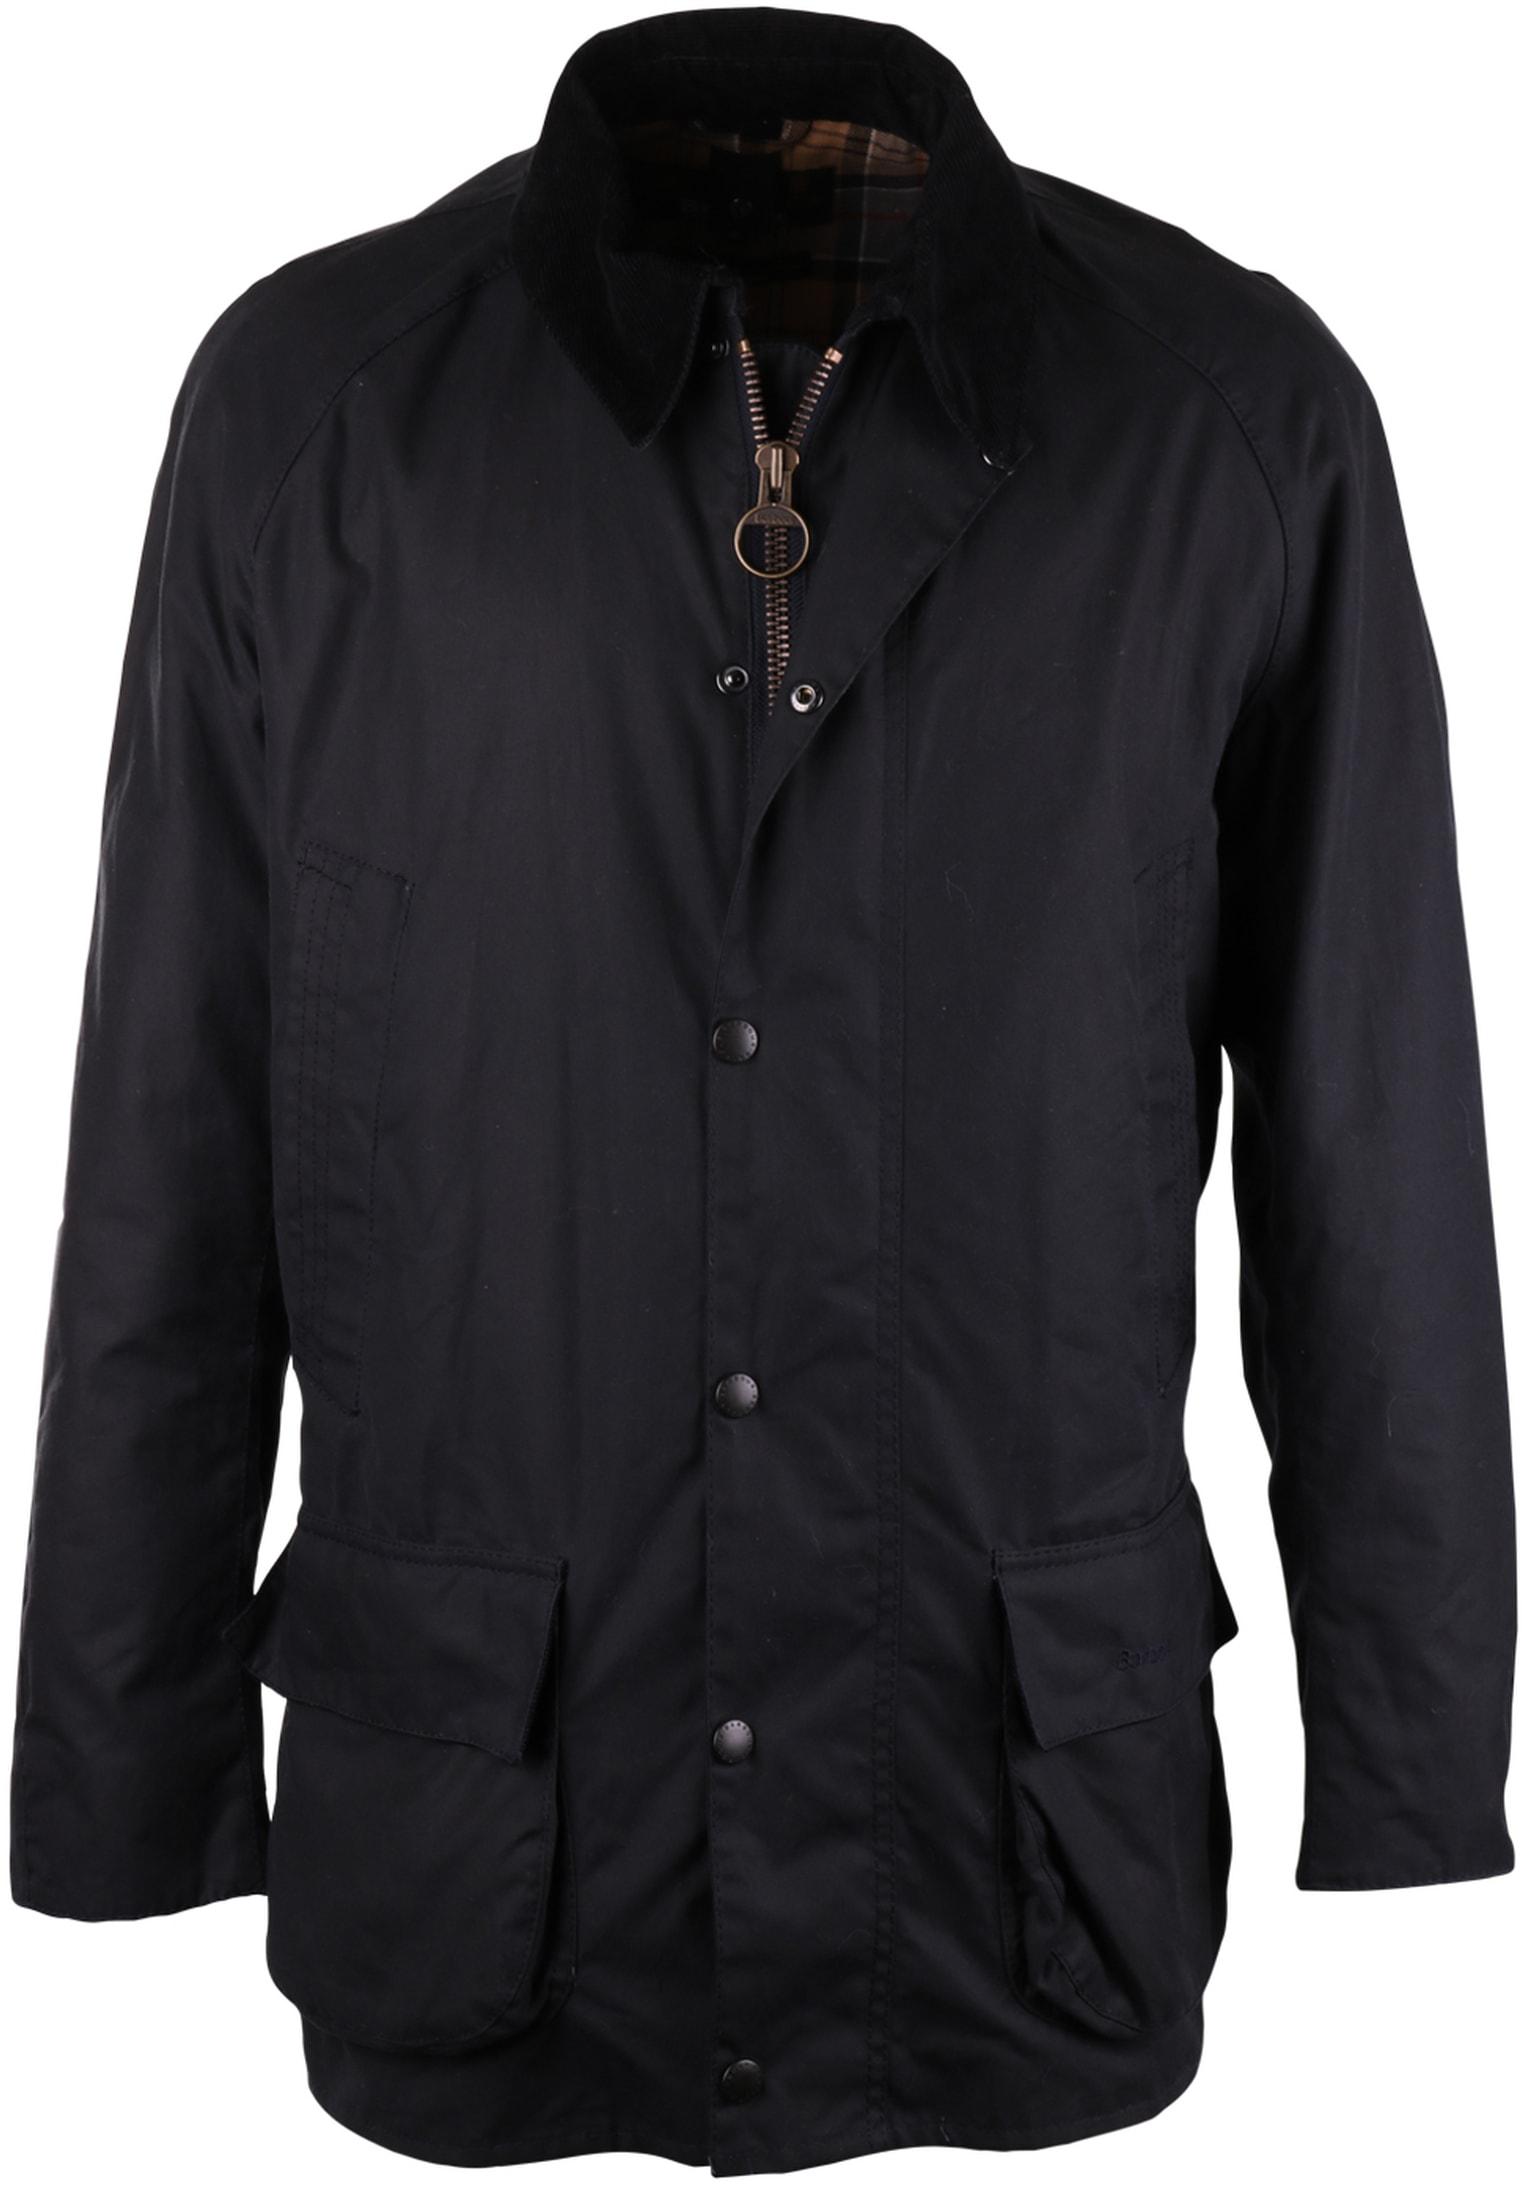 Barbour Online Shop Herren Jacken Gnstig Kaufen Sweater Typisch Original Wachsjacke Bristol Navy